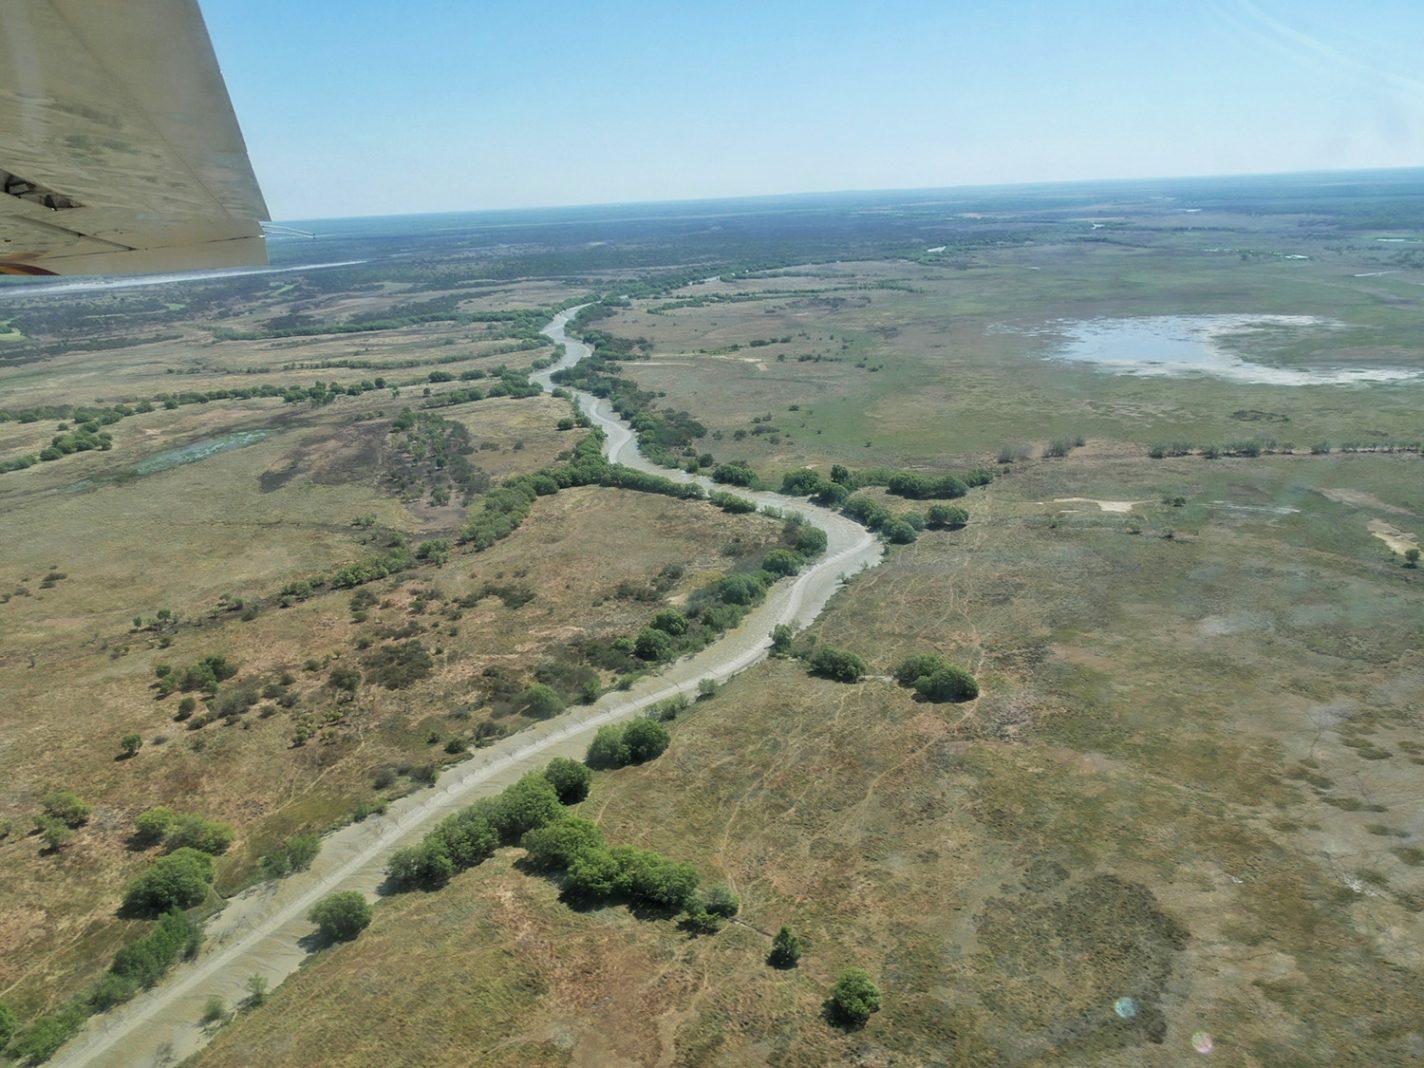 Om de zoveel kilometer een ander prachtig landschap - Kakadu National Park